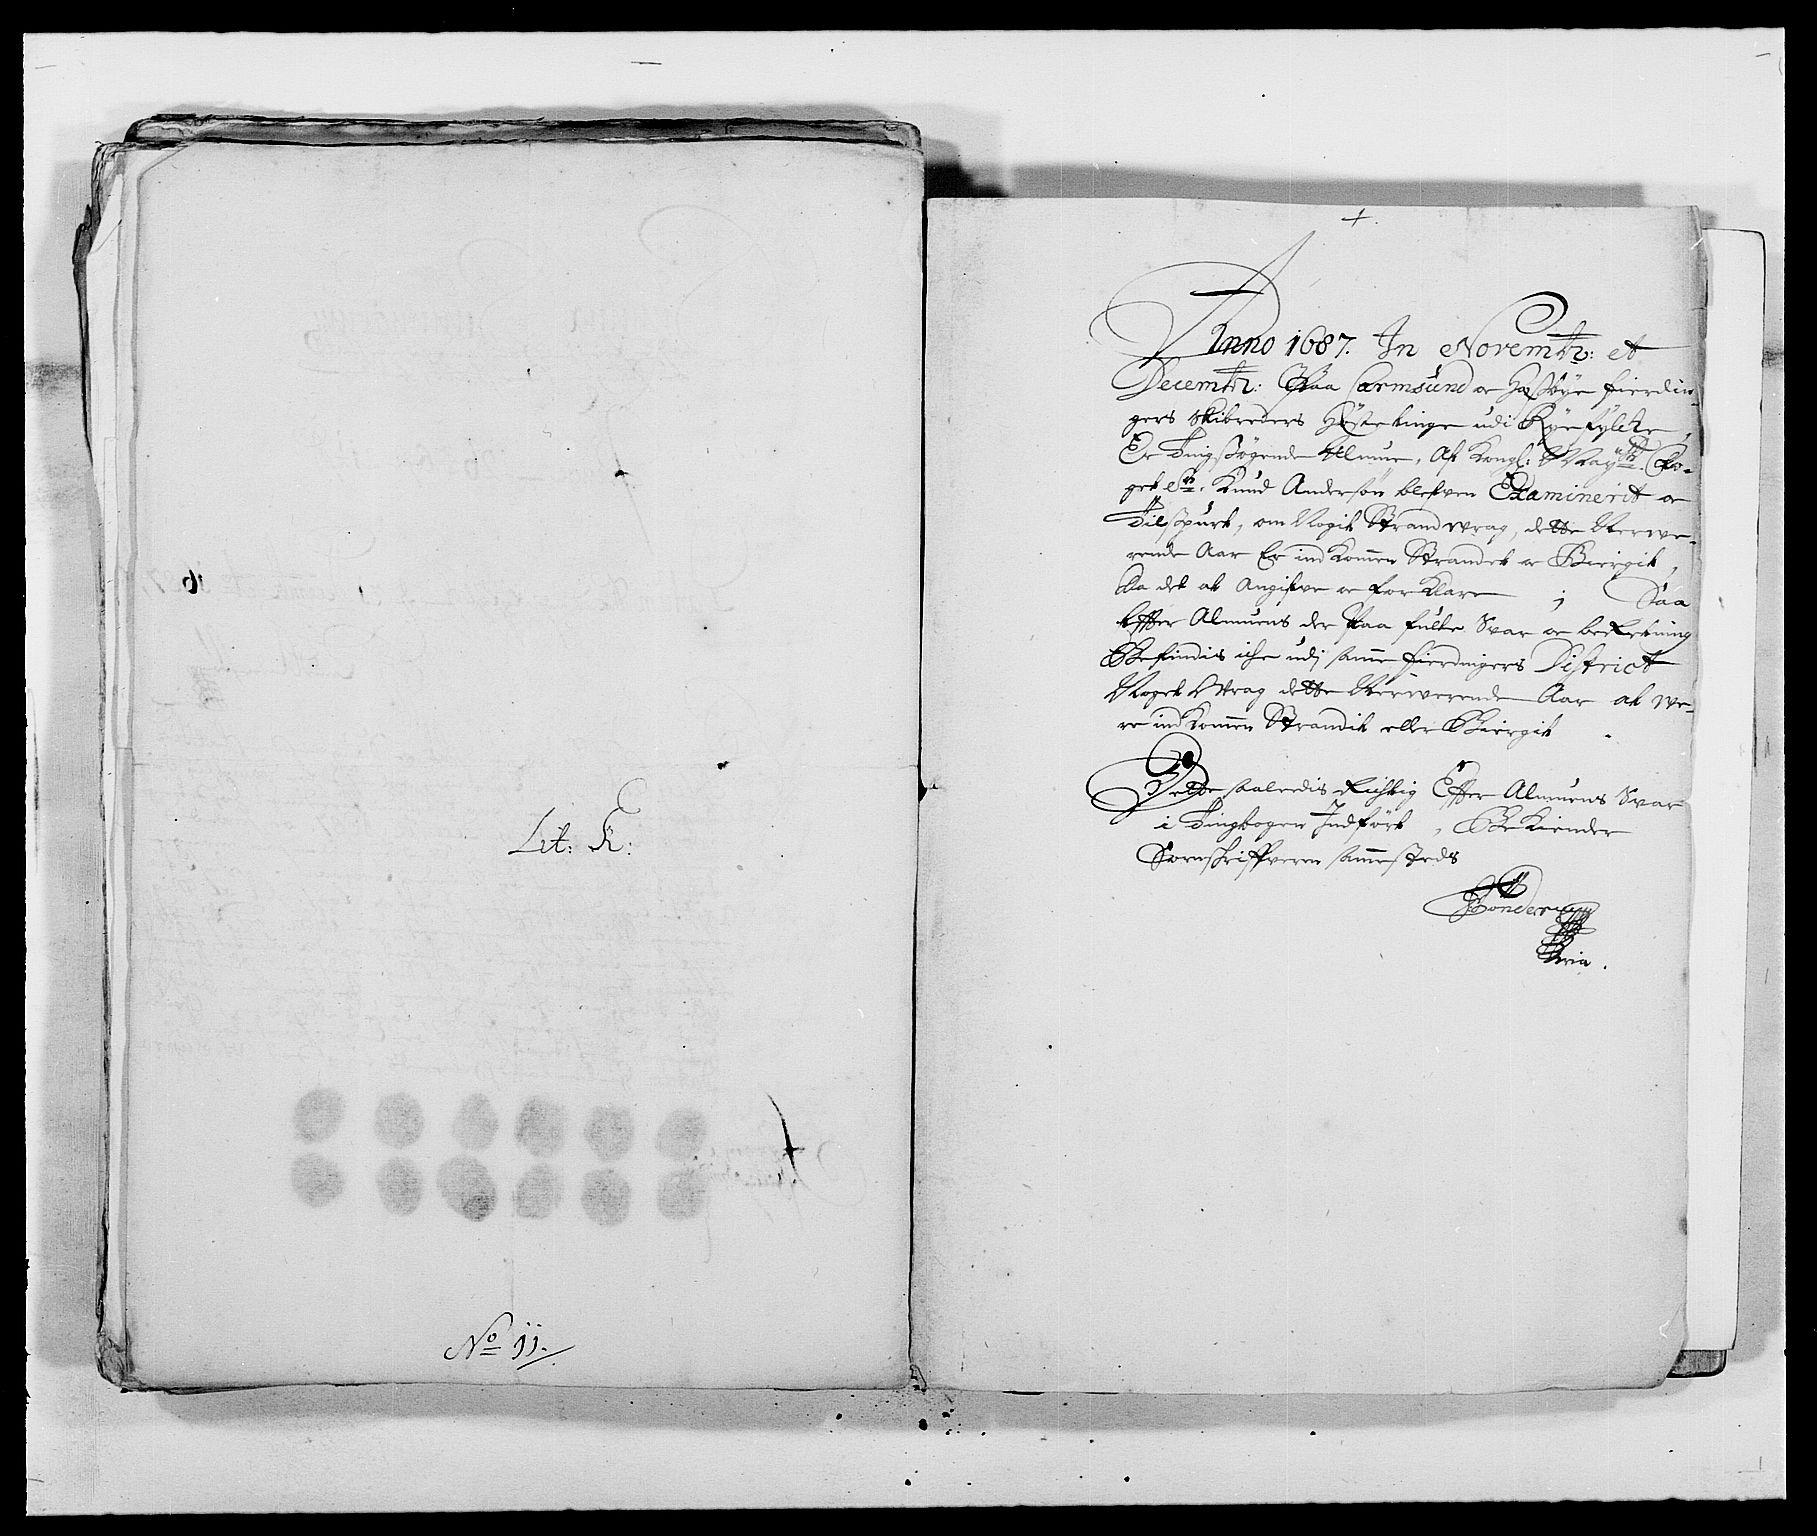 RA, Rentekammeret inntil 1814, Reviderte regnskaper, Fogderegnskap, R47/L2855: Fogderegnskap Ryfylke, 1685-1688, s. 311